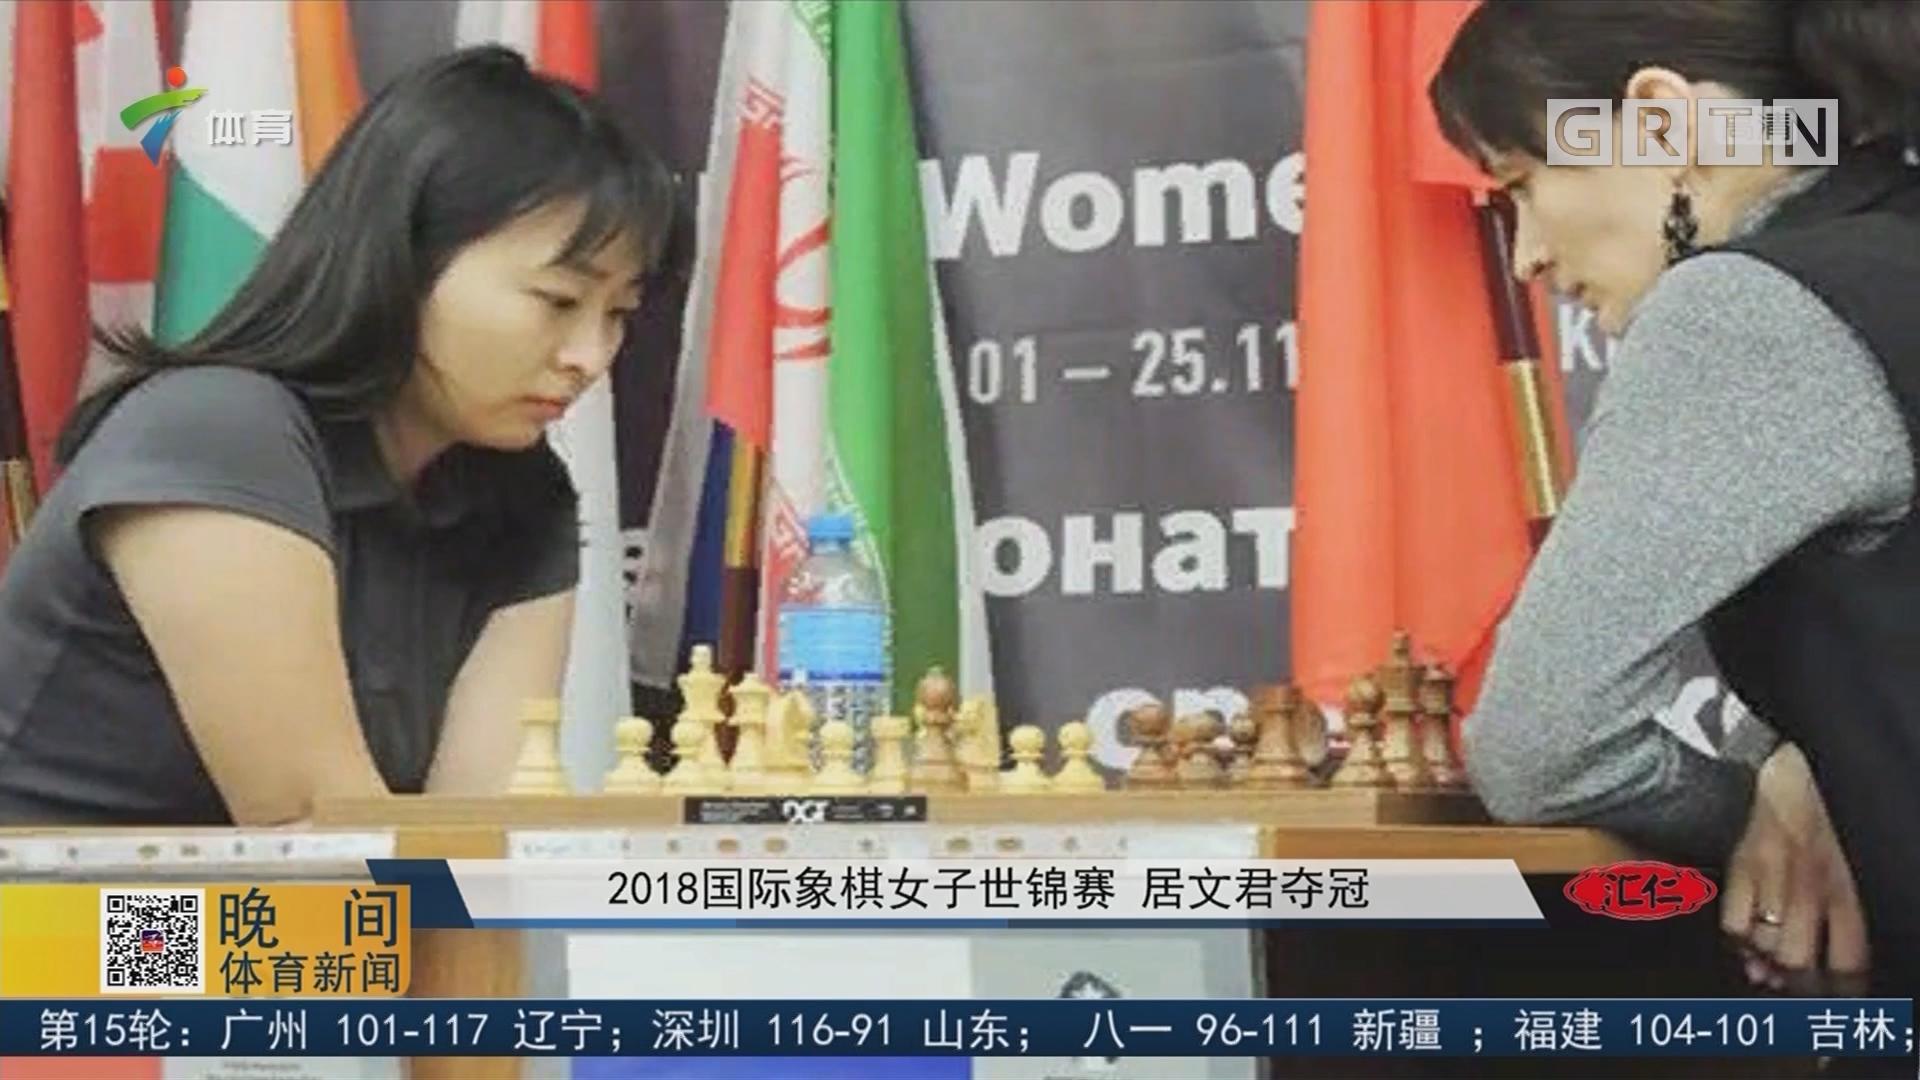 2018国际象棋女子世锦赛 居文君夺冠